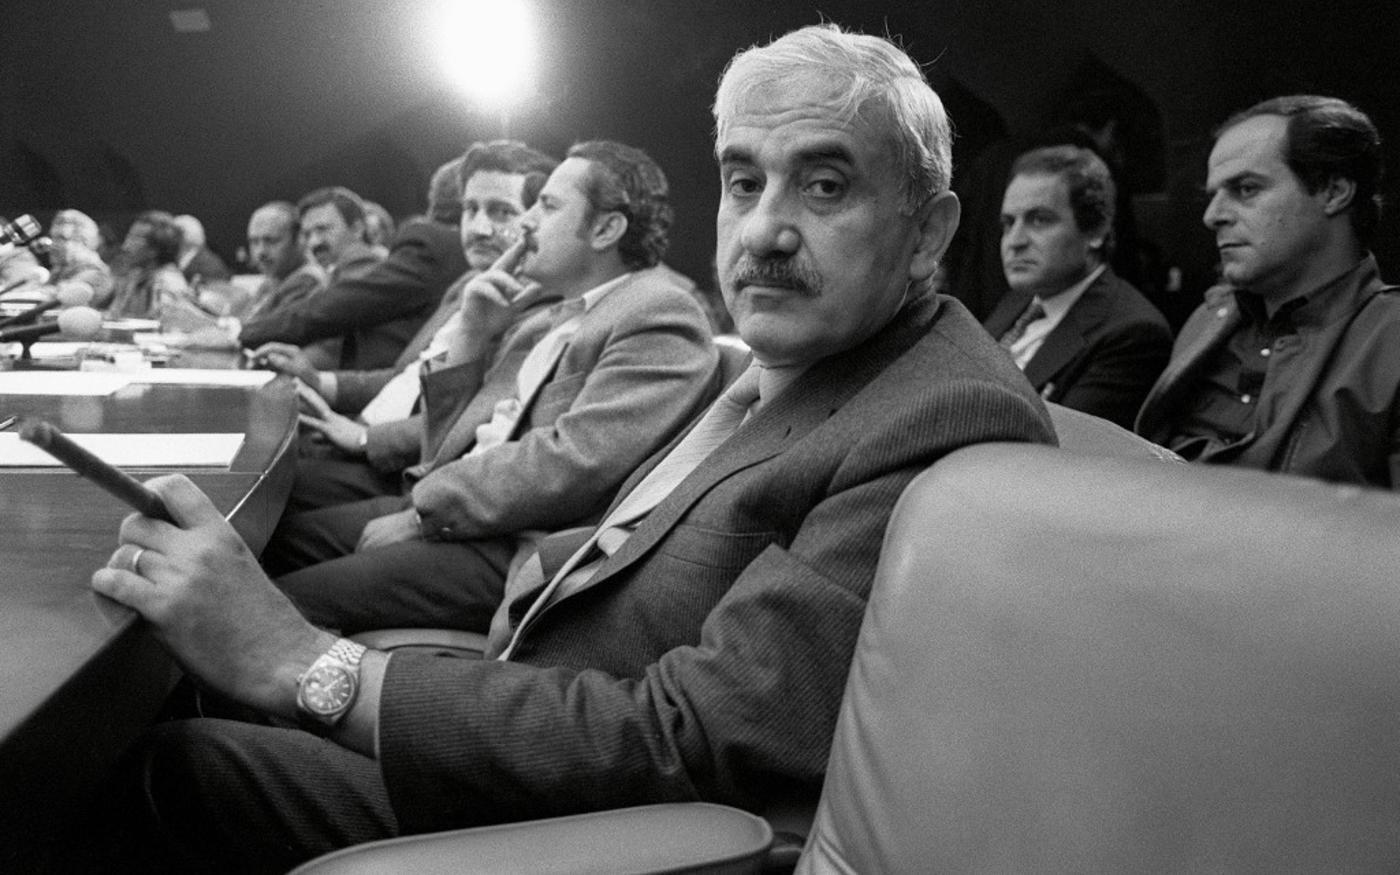 Georges Habache, chef du FPLP, dans une réunion du Conseil national palestinien pour décider s'il faut reconnaître Israël, le 12 novembre 1988 à Alger (AFP)